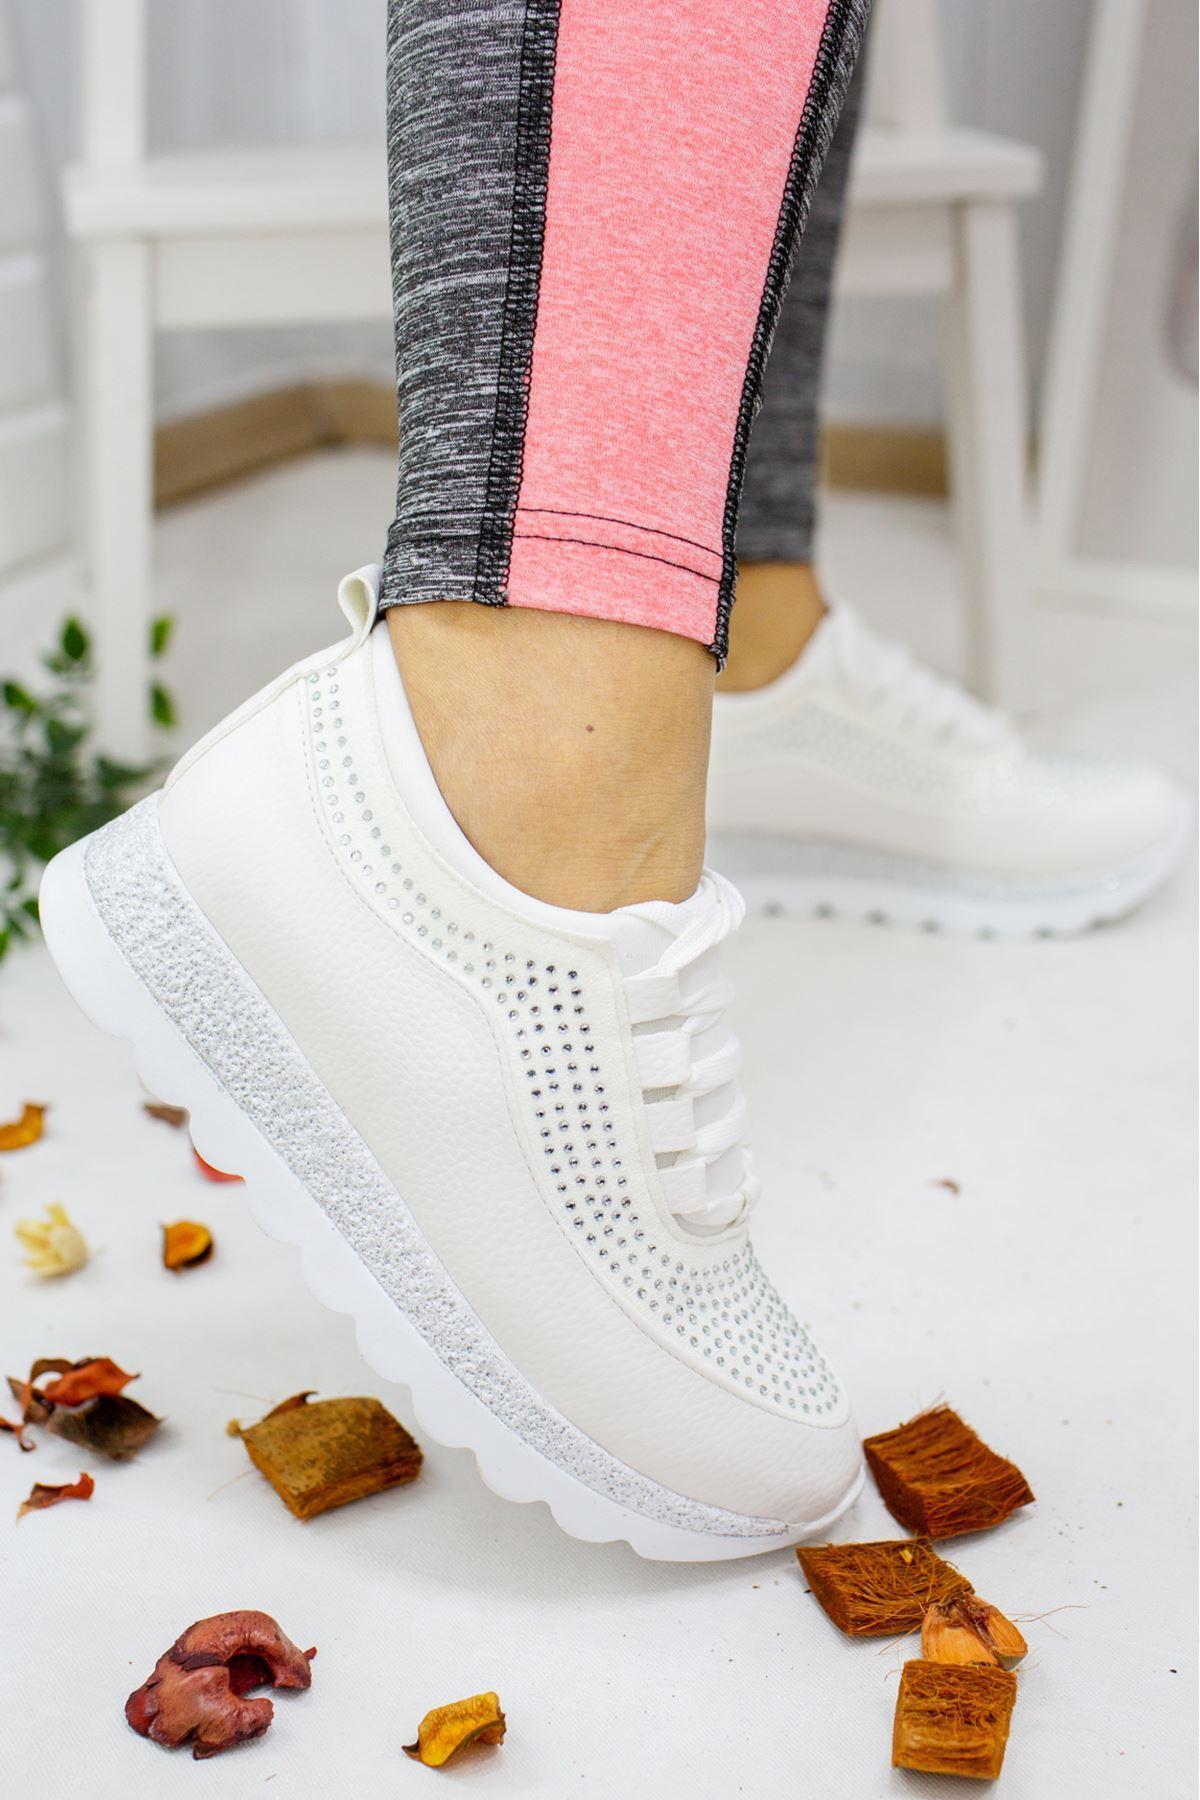 Pavi Beyaz Taşlı Kadın Spor Ayakkabı